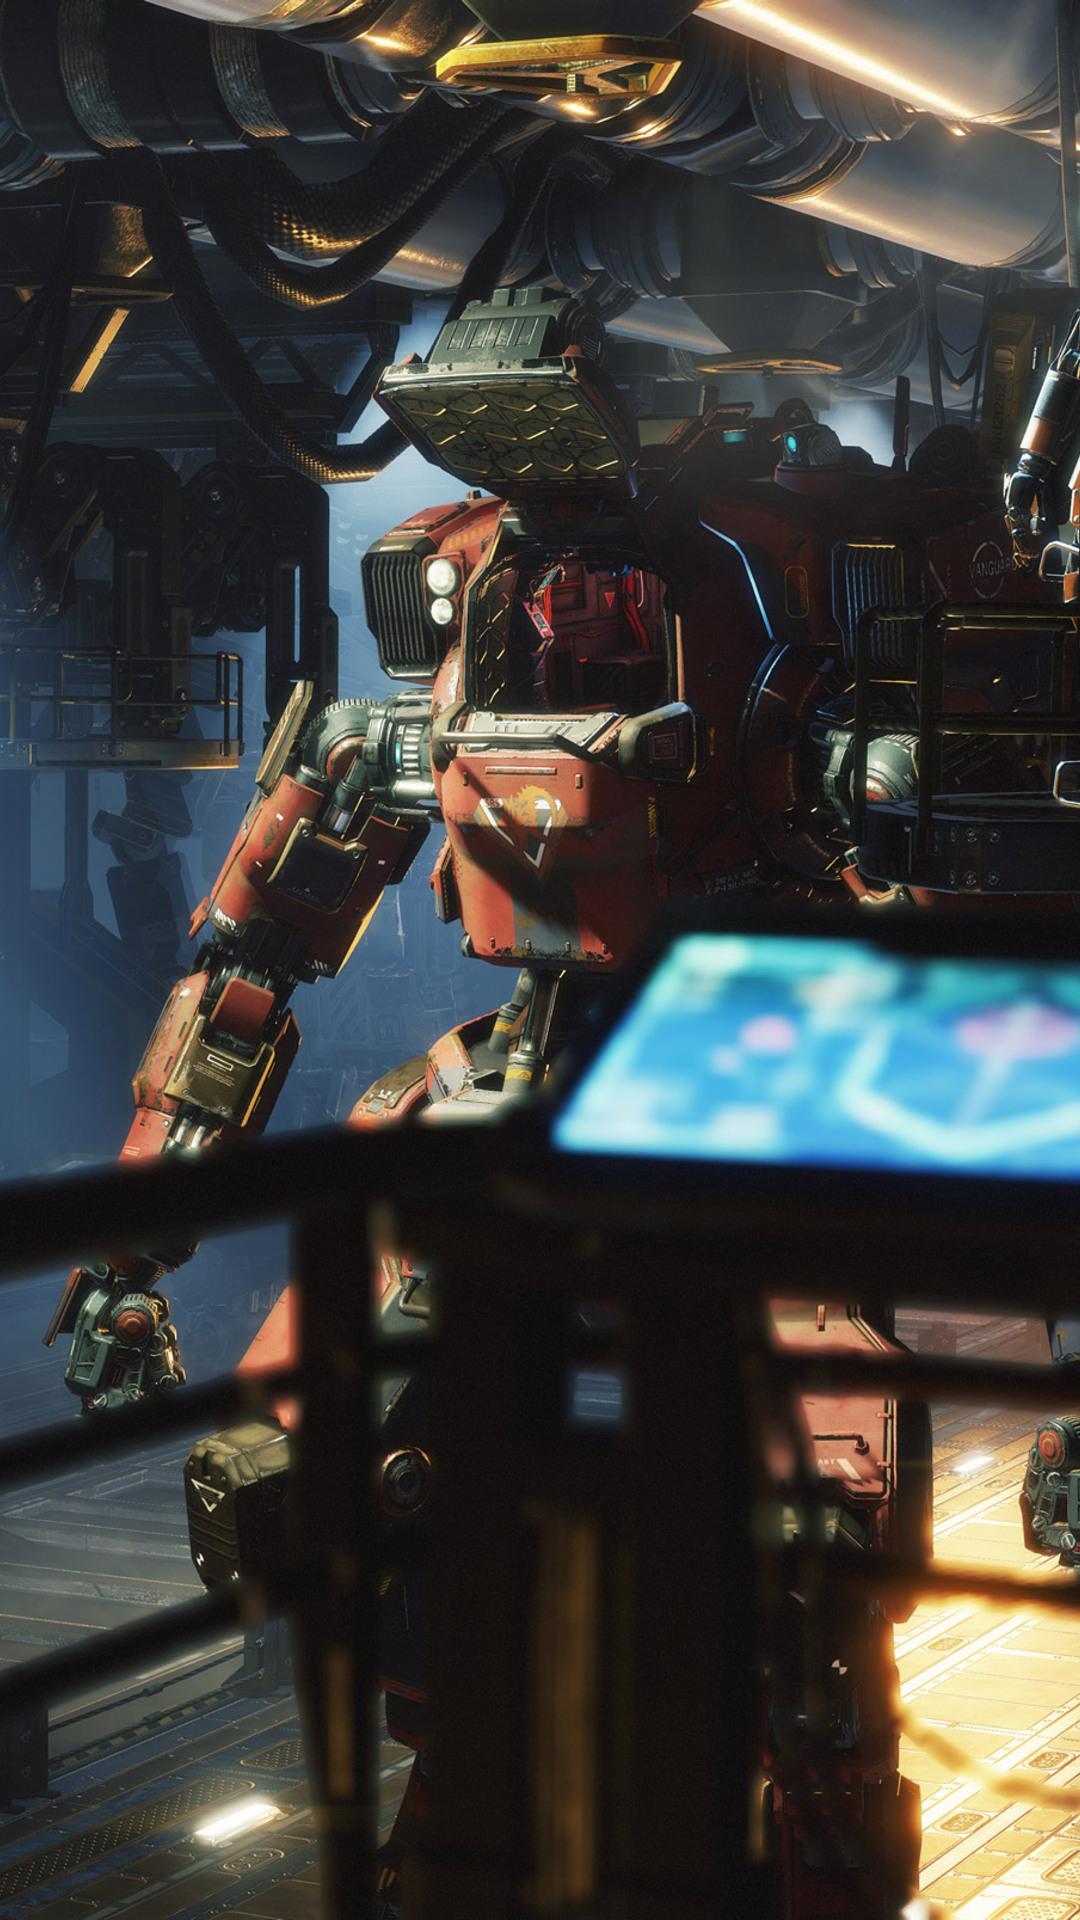 titanfall-2-game-hd-qhd.jpg